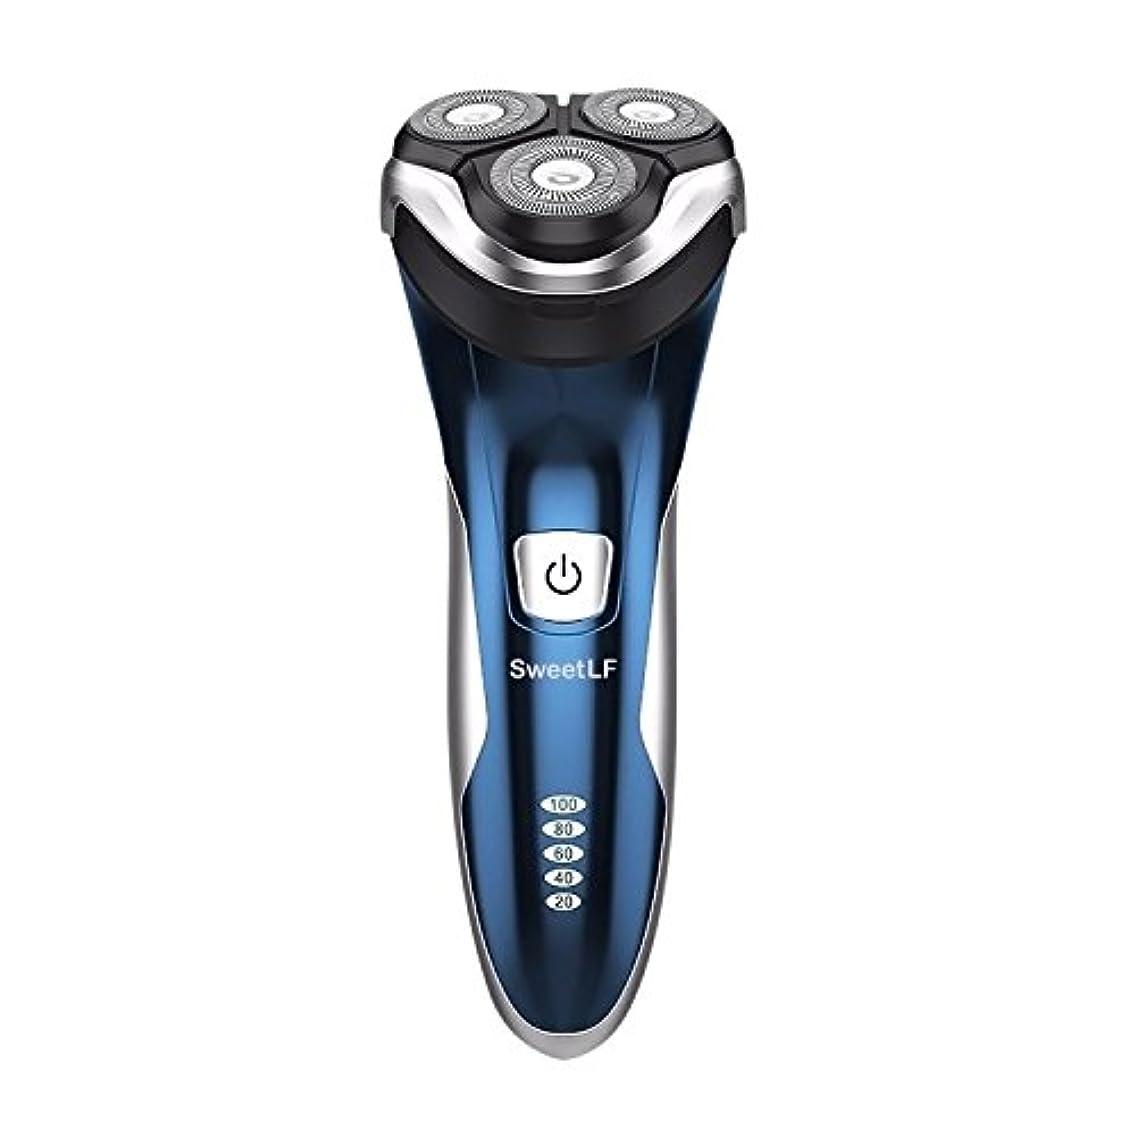 天の突撃売るSweetLF メンズ 電気シェーバー ひげそり 電気カミソリ 回転式 3枚刃 USB充電式 IPX7防水 お風呂剃り可 LEDディスプレイ トリマー付き